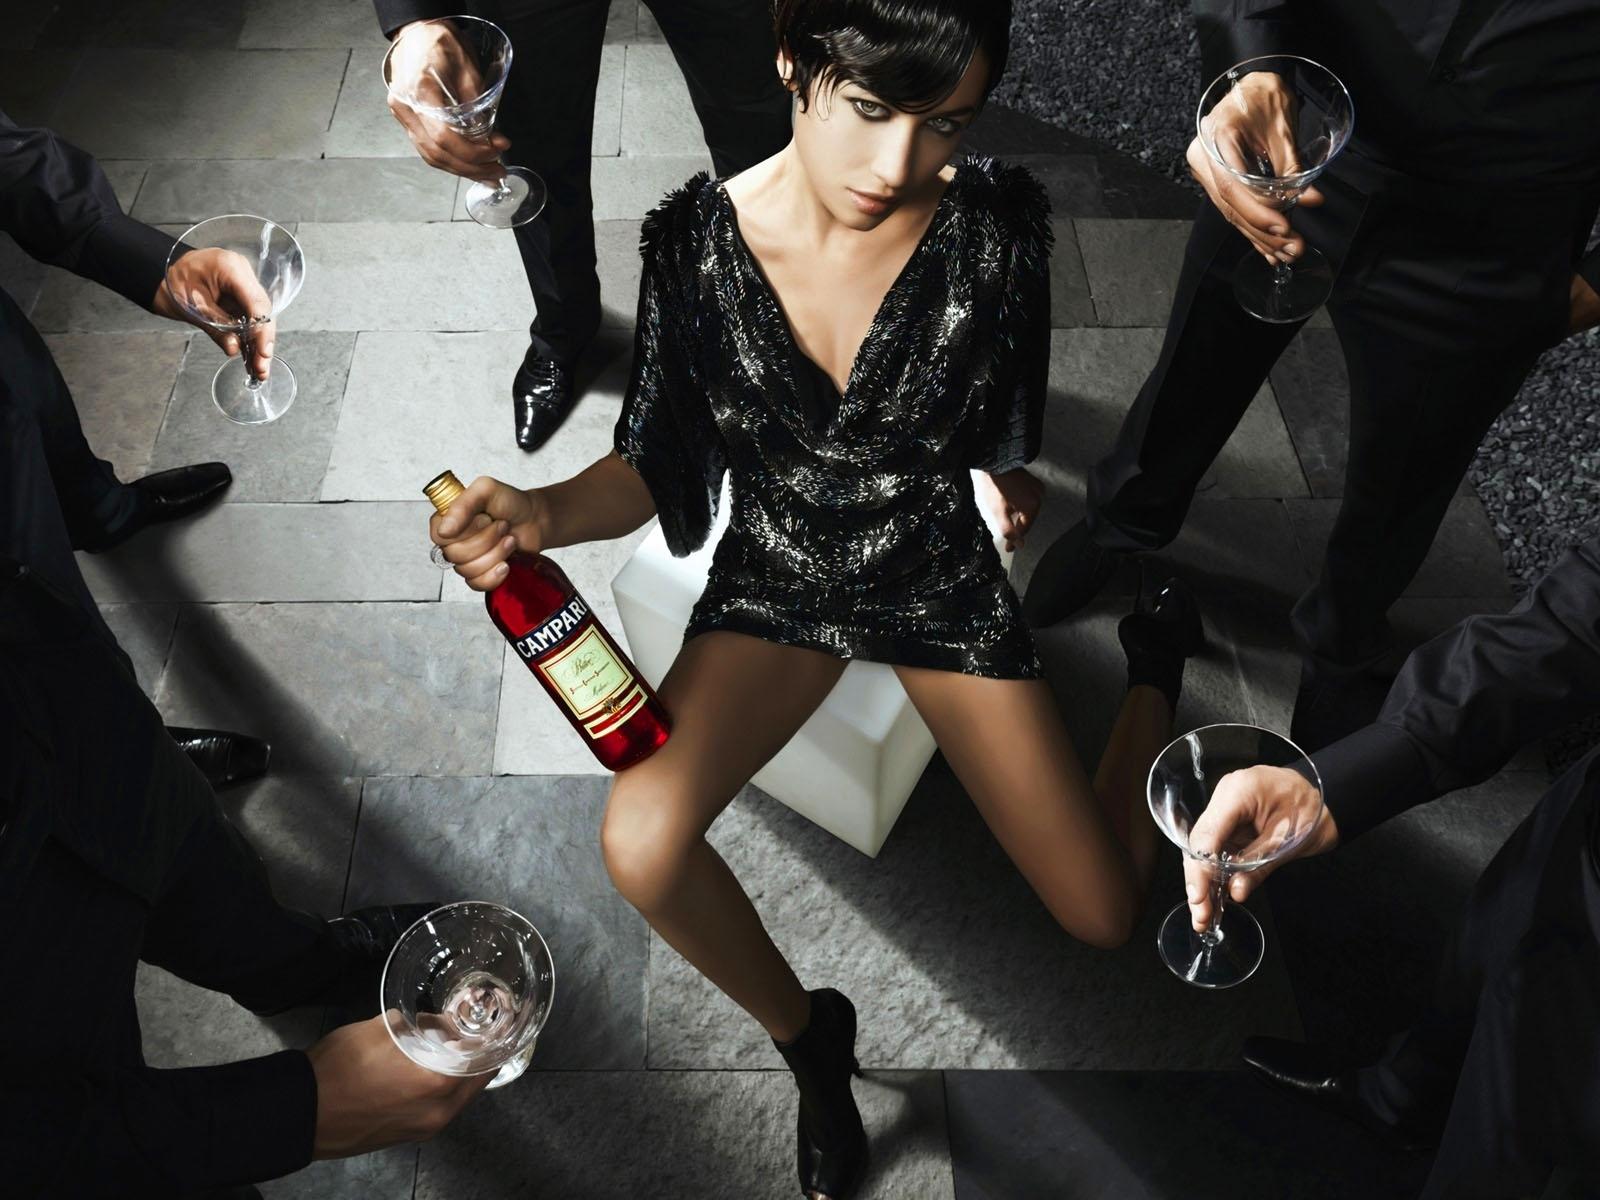 Танцы алкоголь картинки